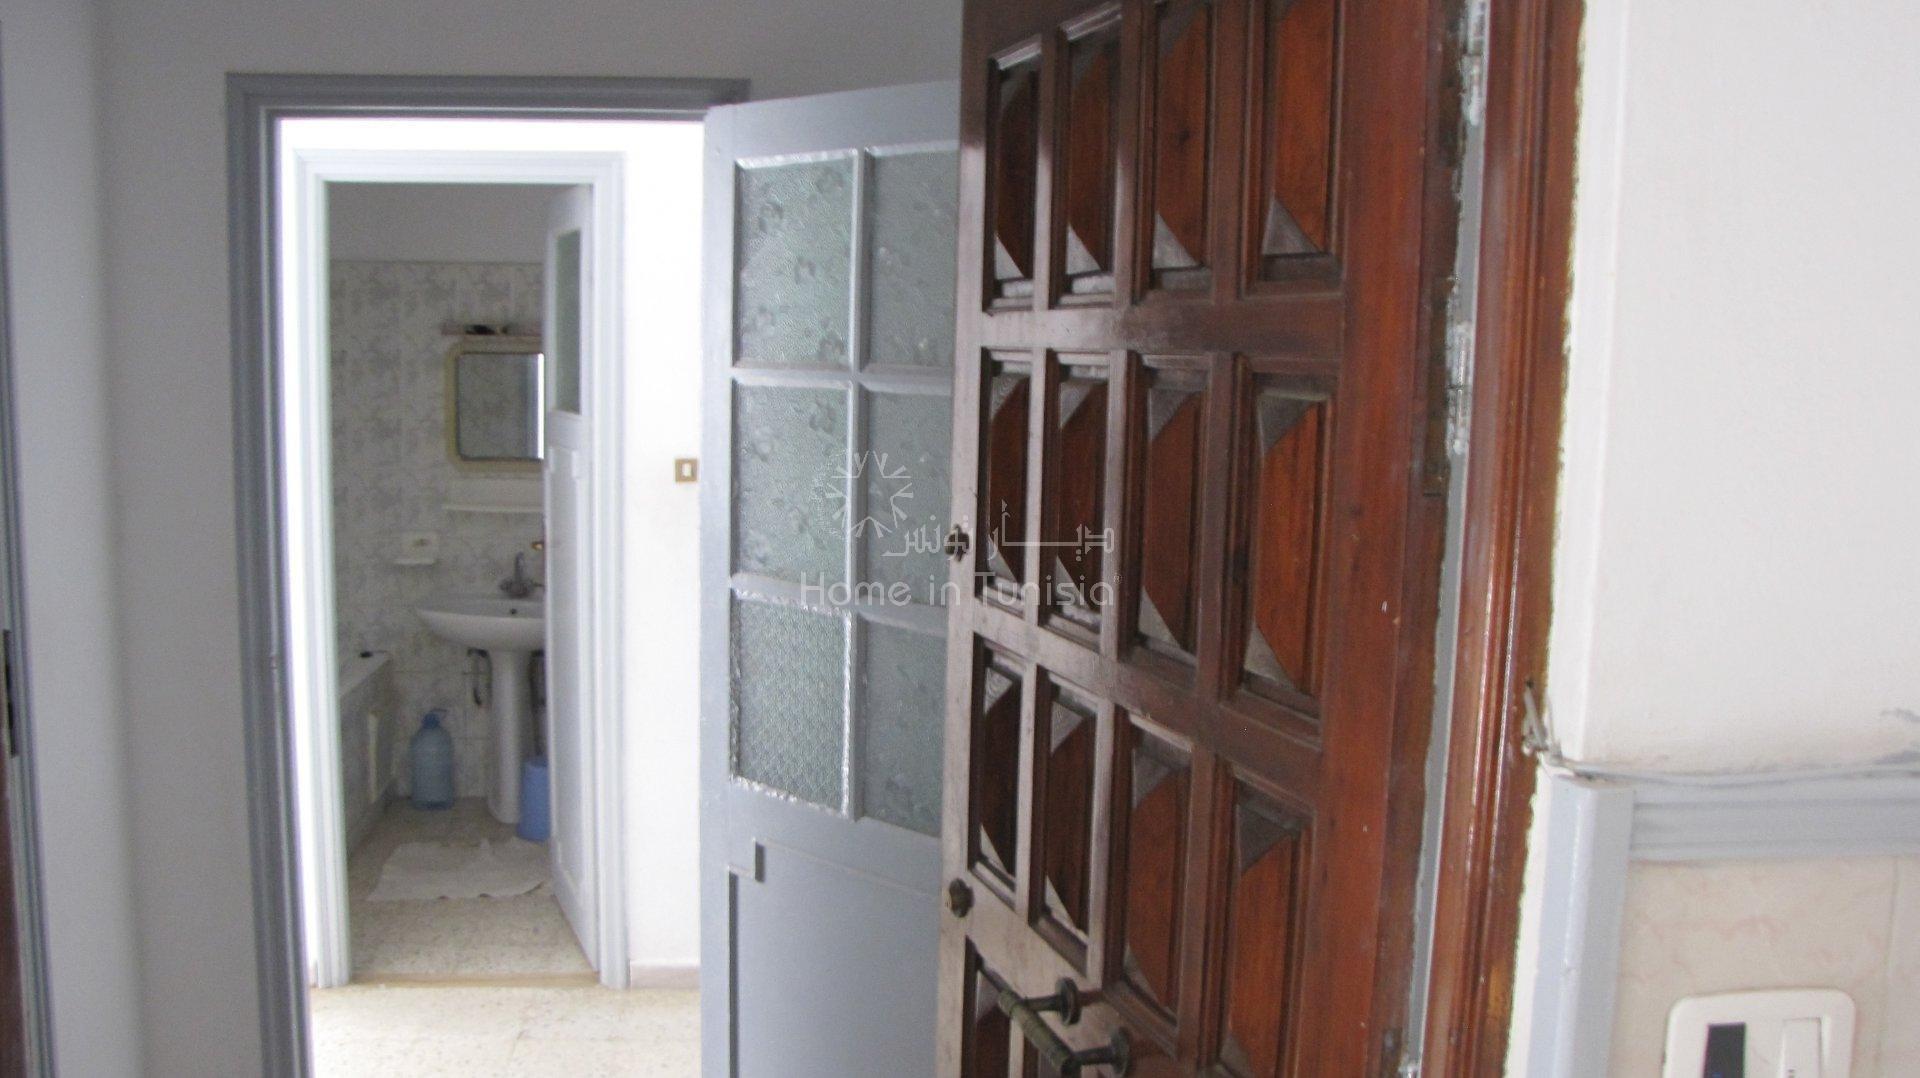 Rental Apartment - Monastir - Tunisia